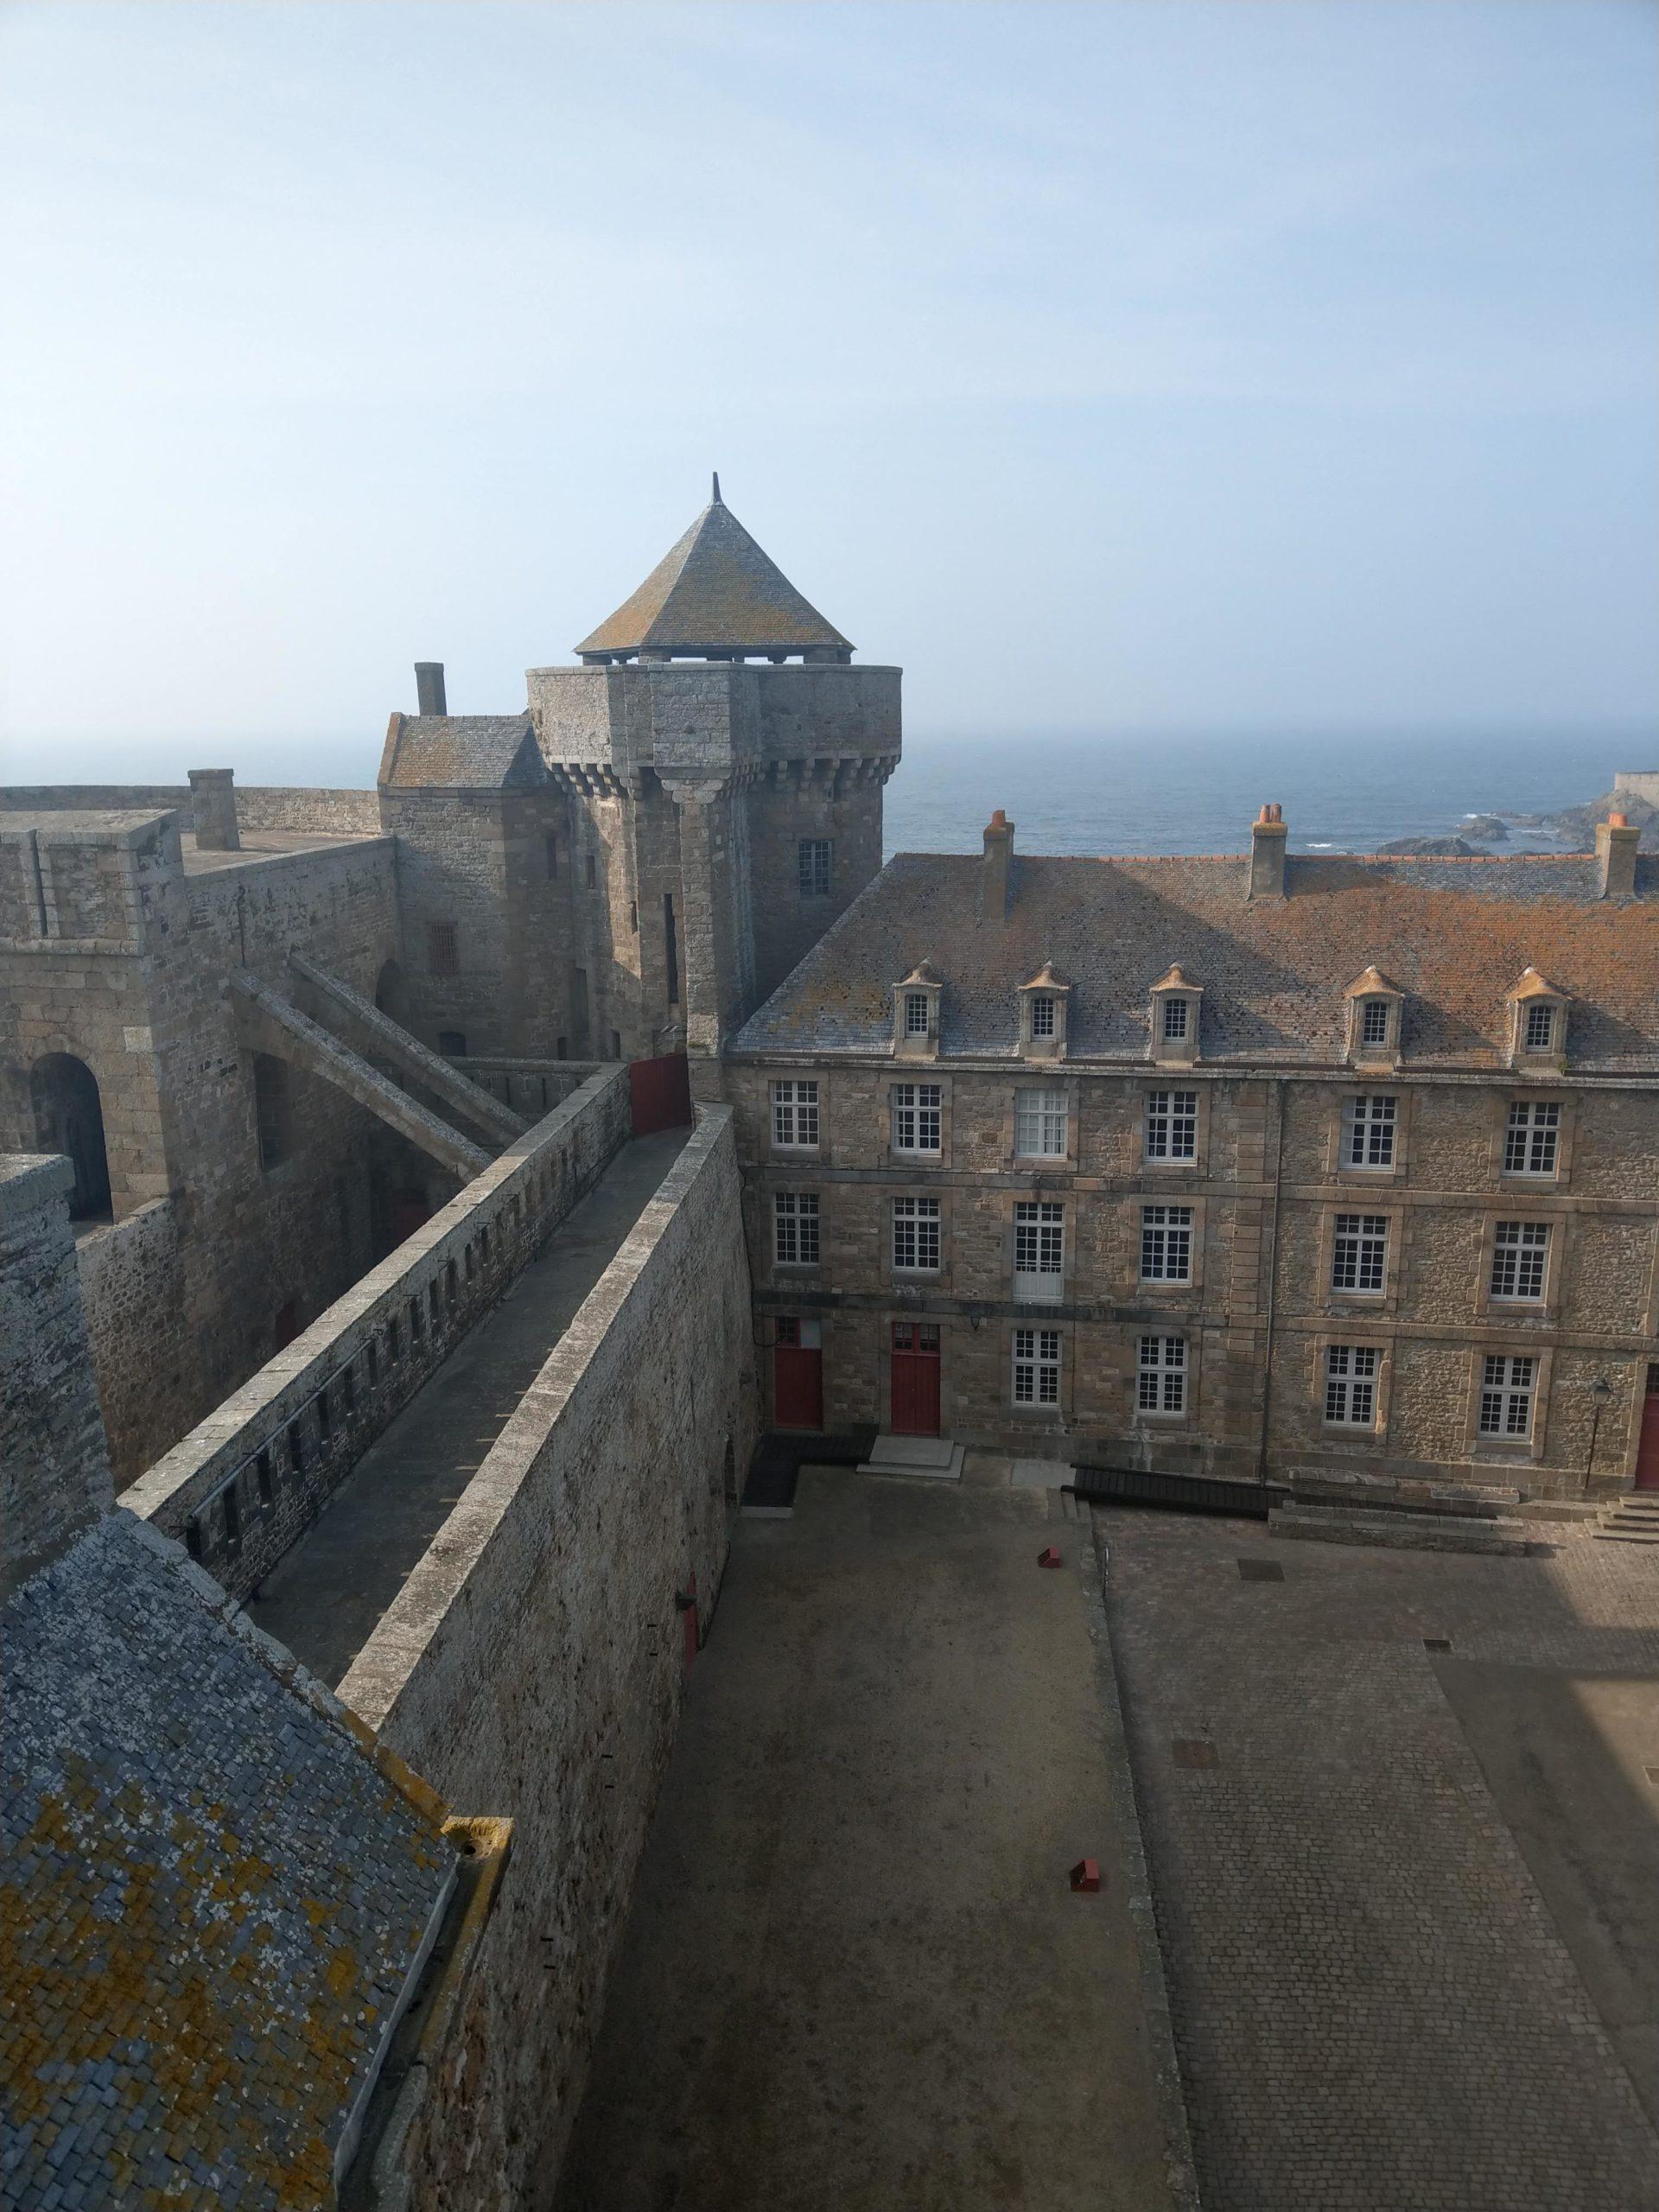 Donjon château saint-malo